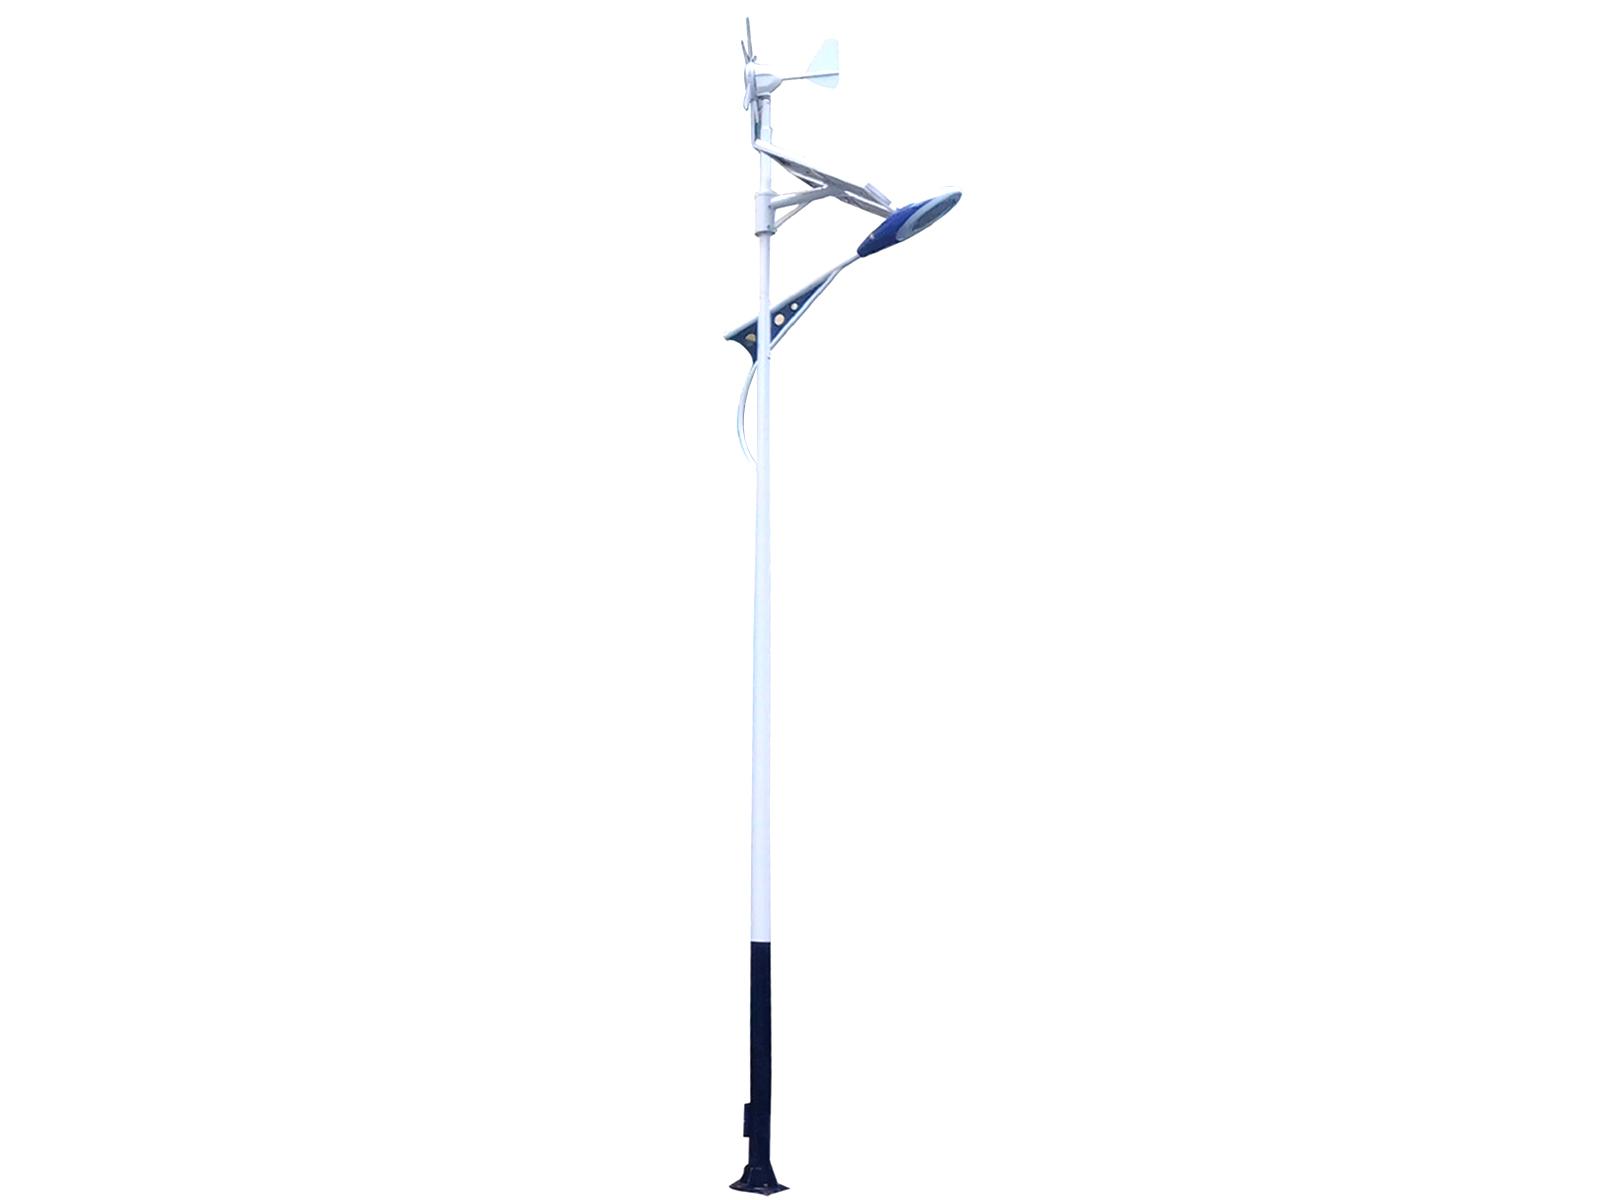 6米风光互补太阳能路灯_30w风光互补太阳能路灯_中山风光互补太阳能路灯